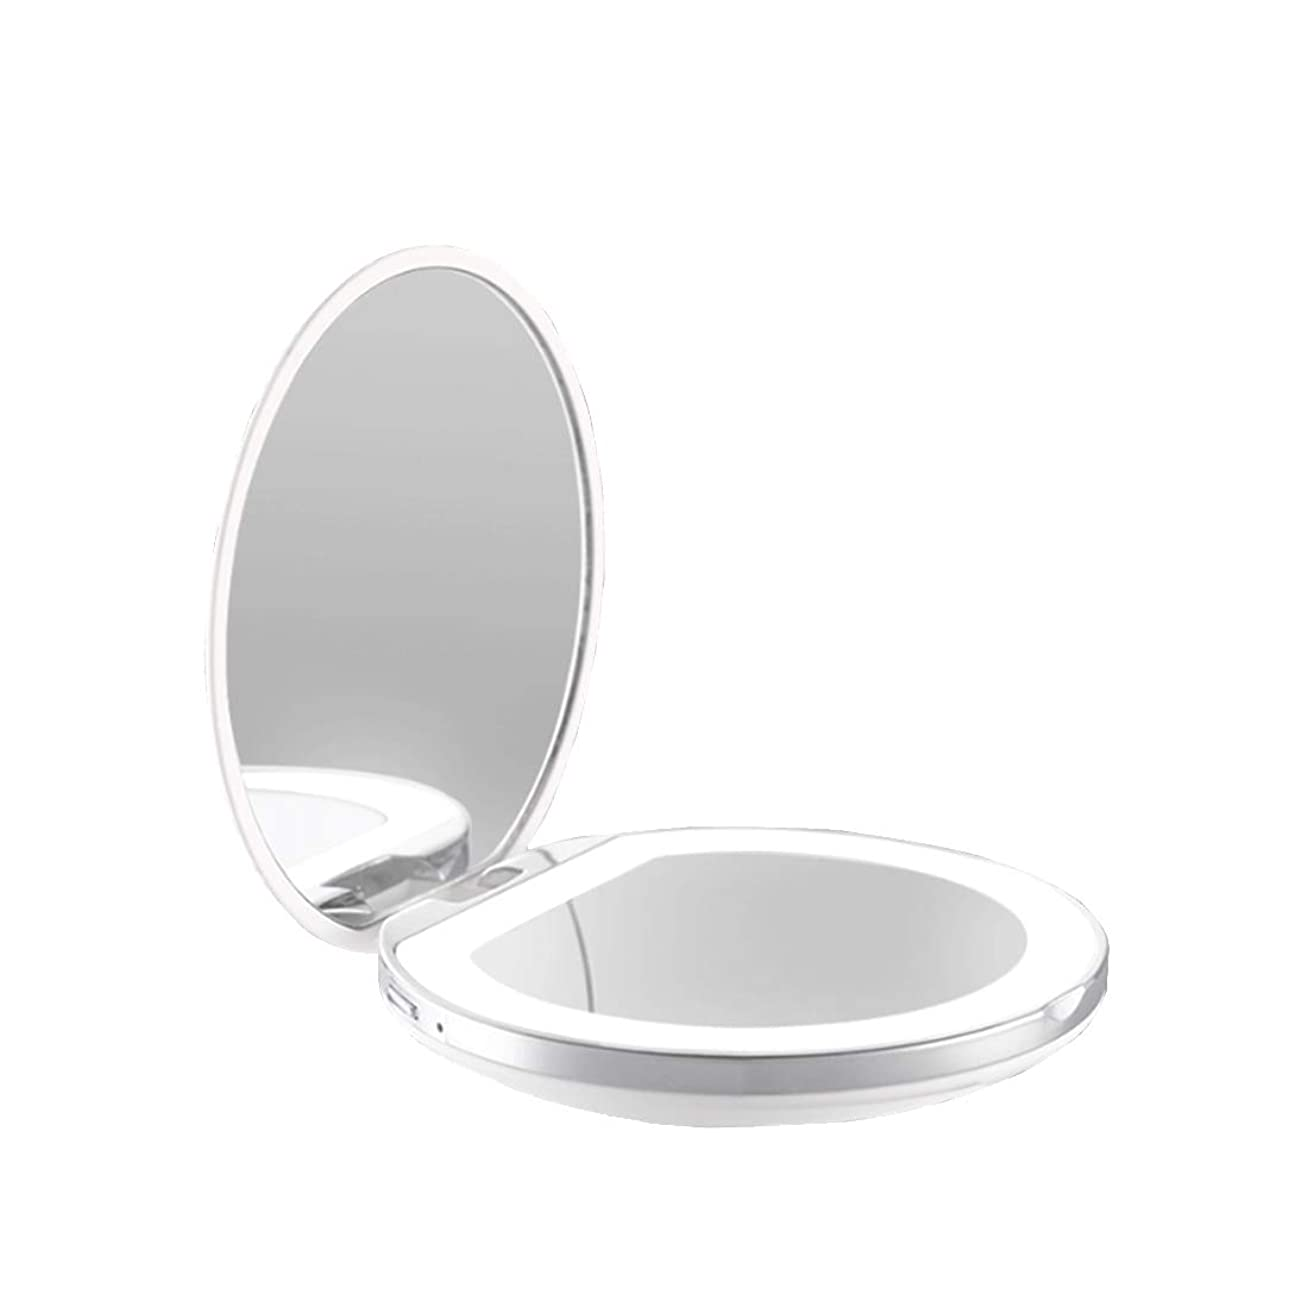 キャンパスピザ反映する手鏡 両面鏡 ライト付きミラー 女優ミラー 3倍拡大鏡付き お姫様 ミラー おしゃれ 卓上 LEDライト 化粧鏡 コンパクト 折り畳み式 スタンドミラー 角度調整